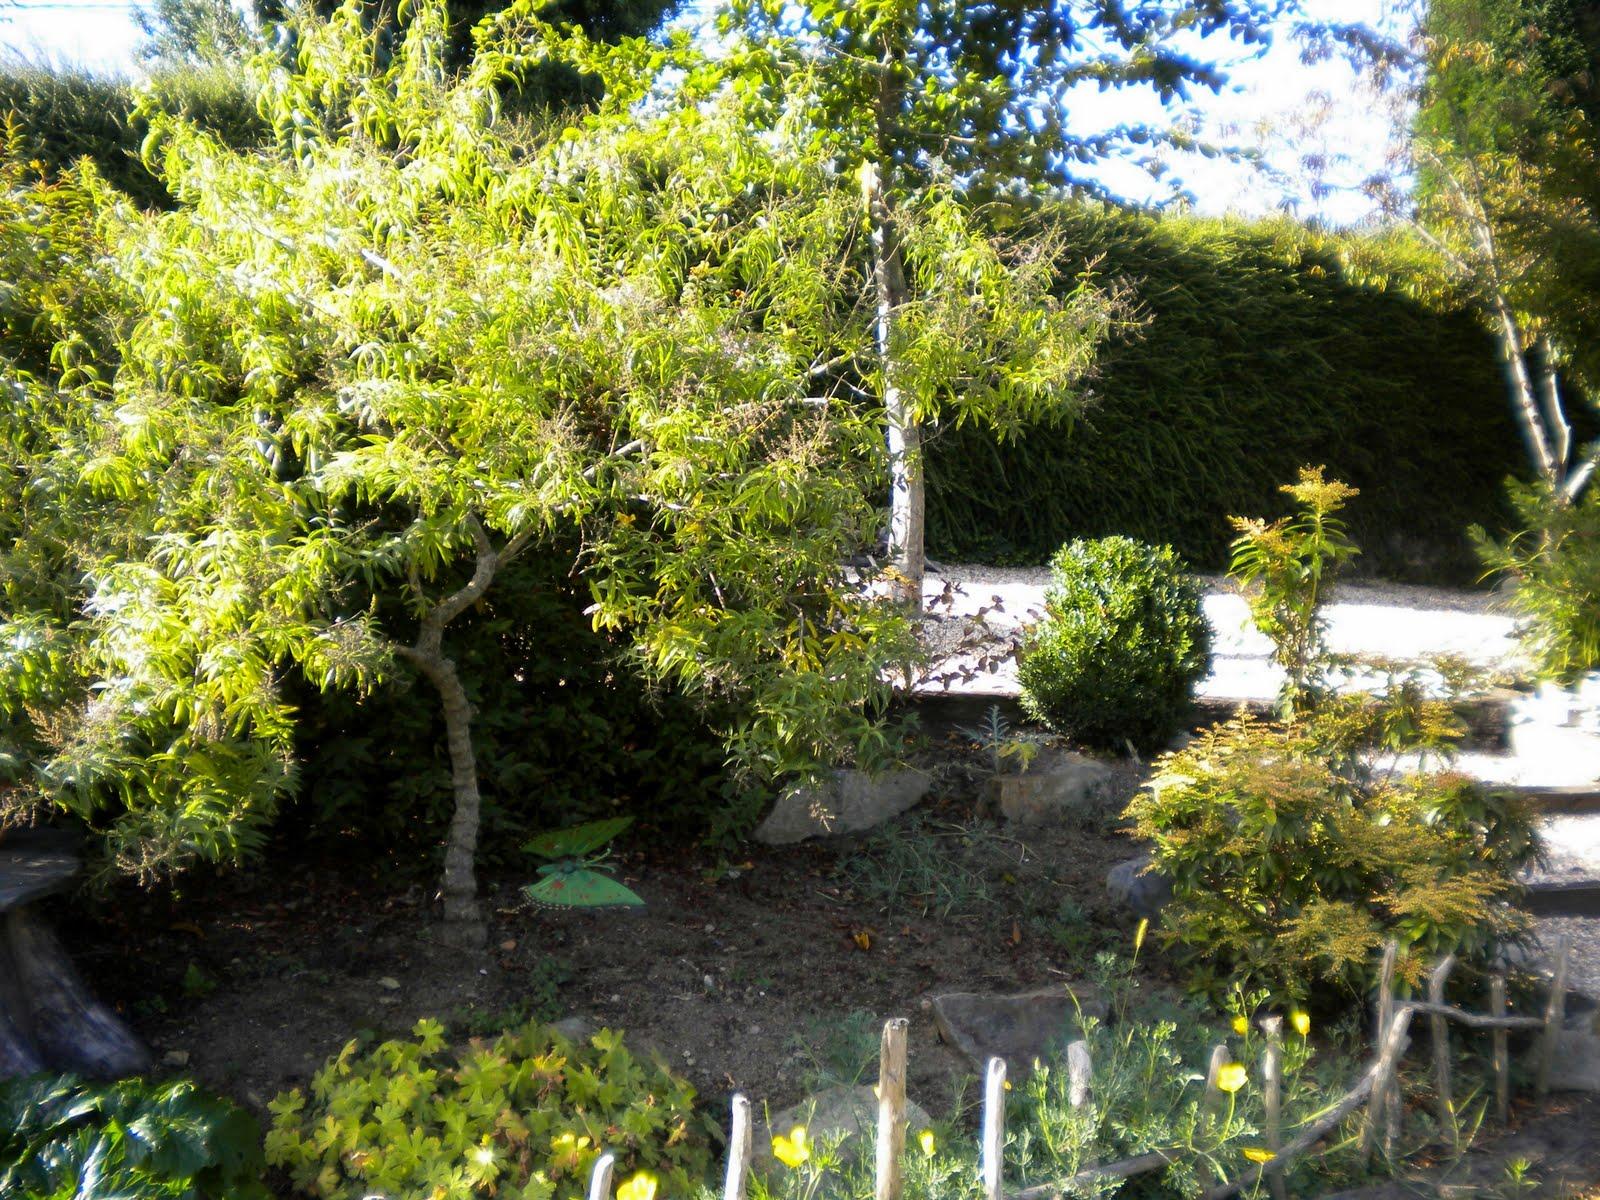 El jard n de margarita hierba luisa for Hierba jardin